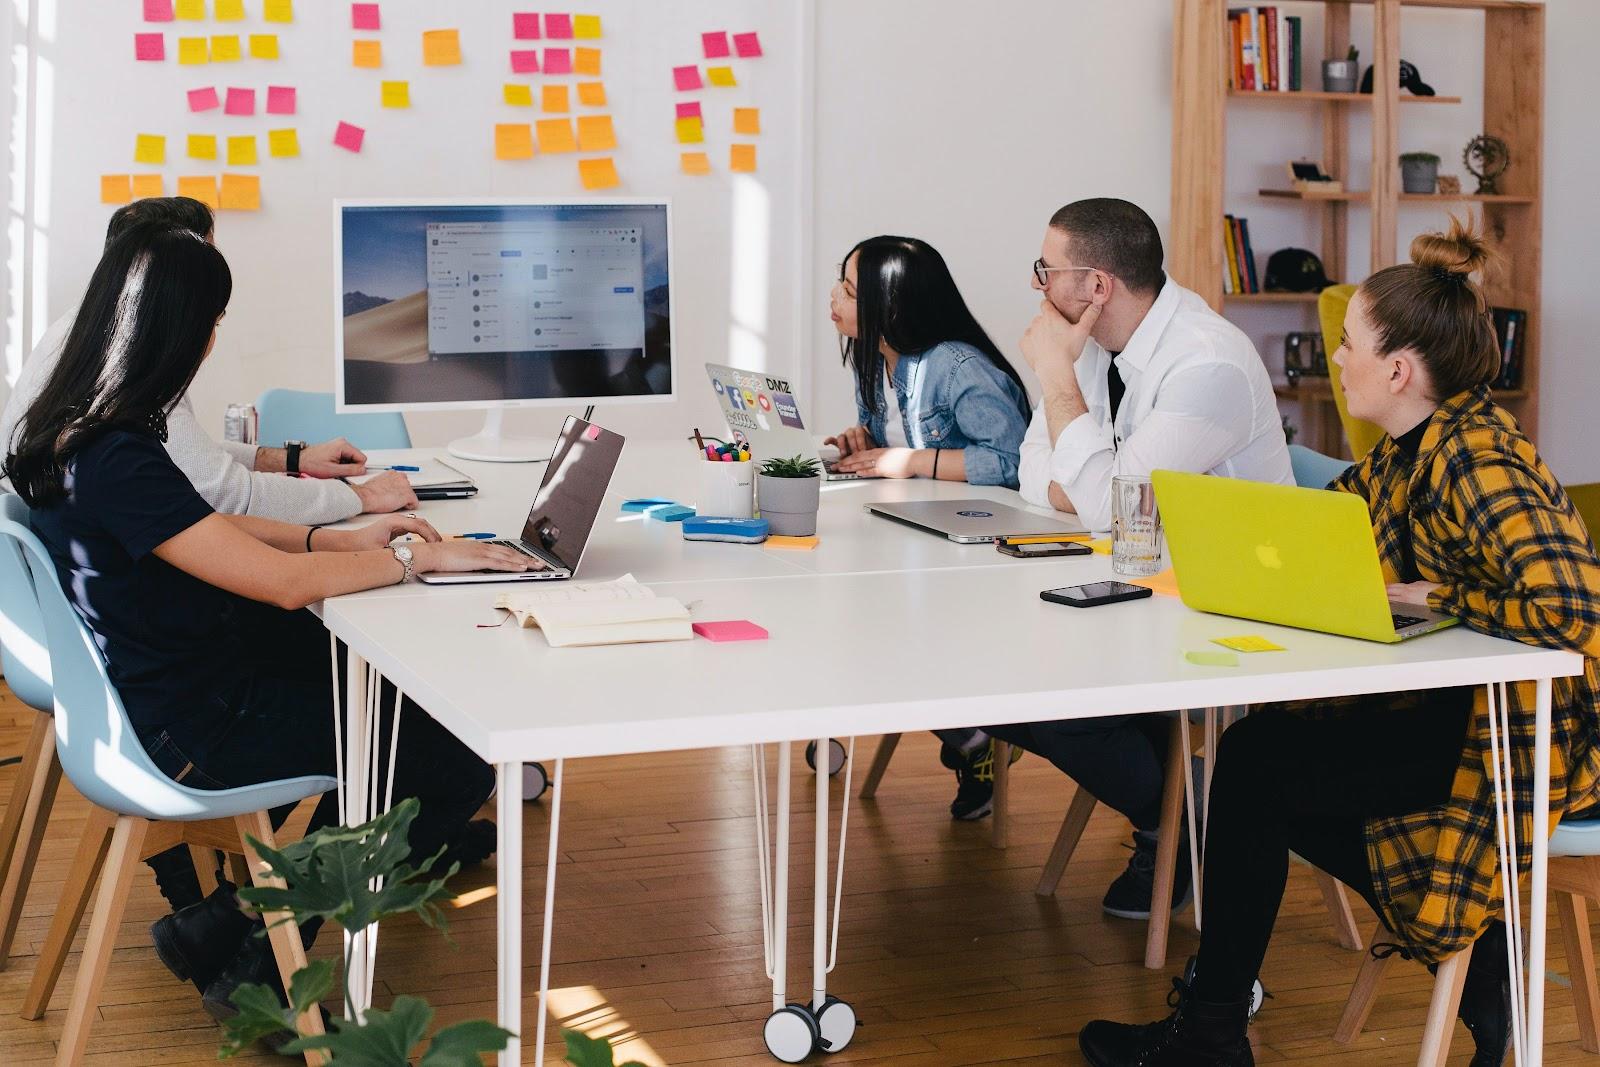 Várias pessoas em uma mesa de escritório observando um computador.